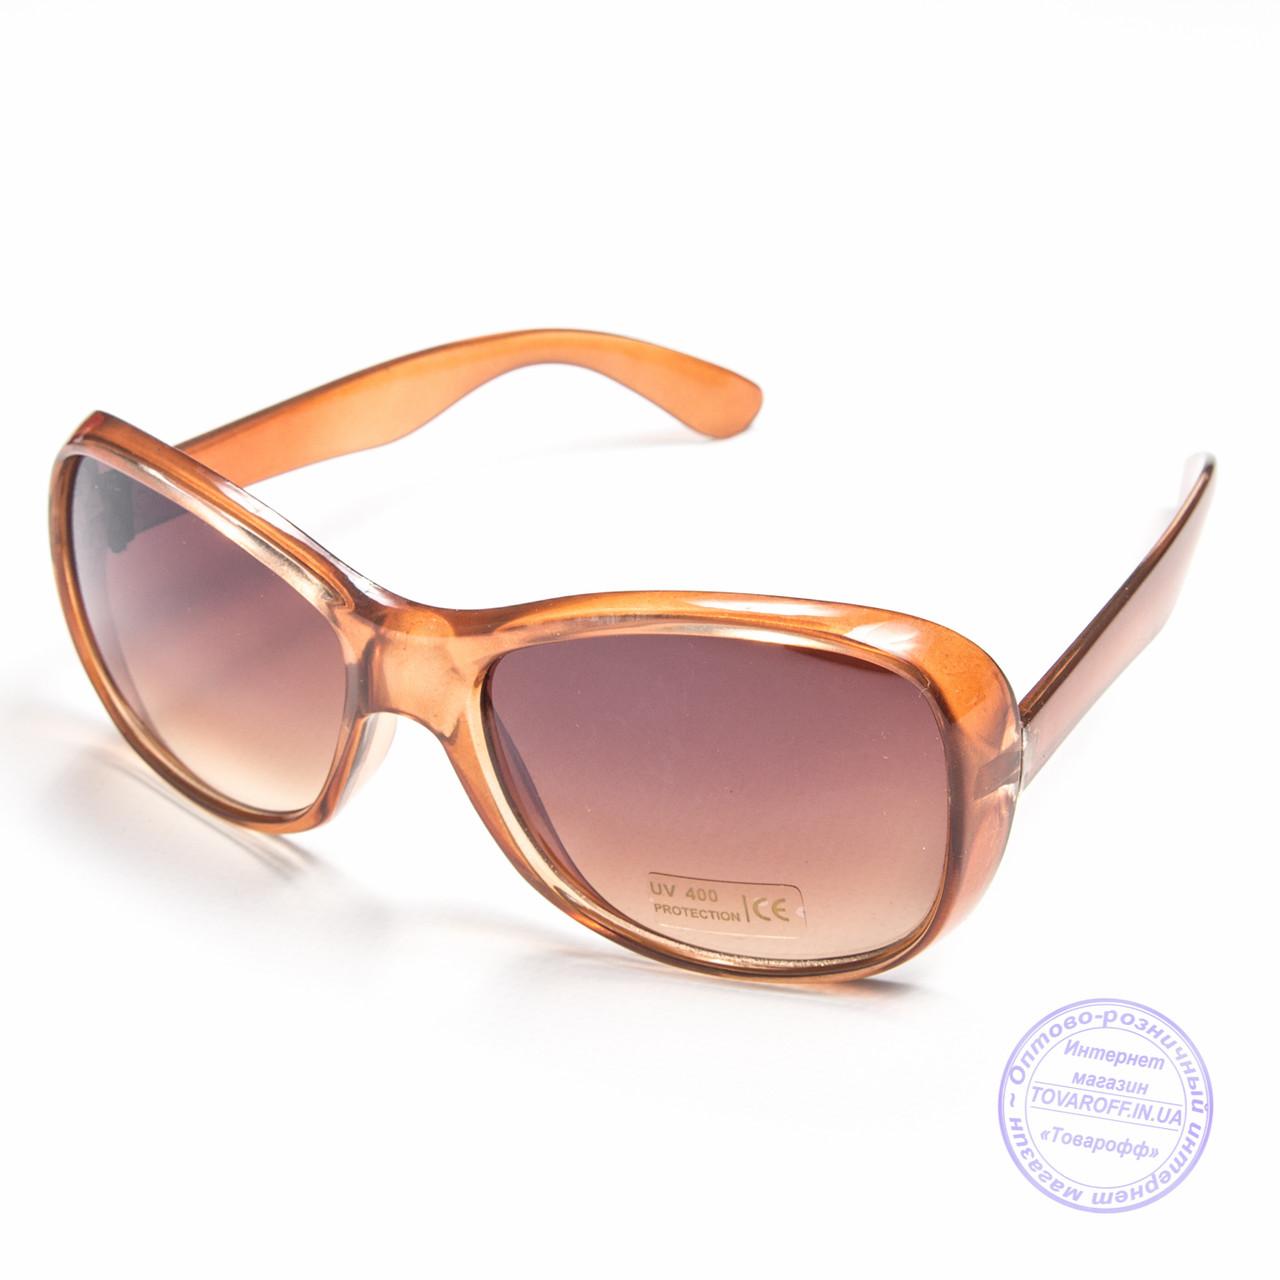 Оптом женские солнцезащитные очки - Коричневые - B922